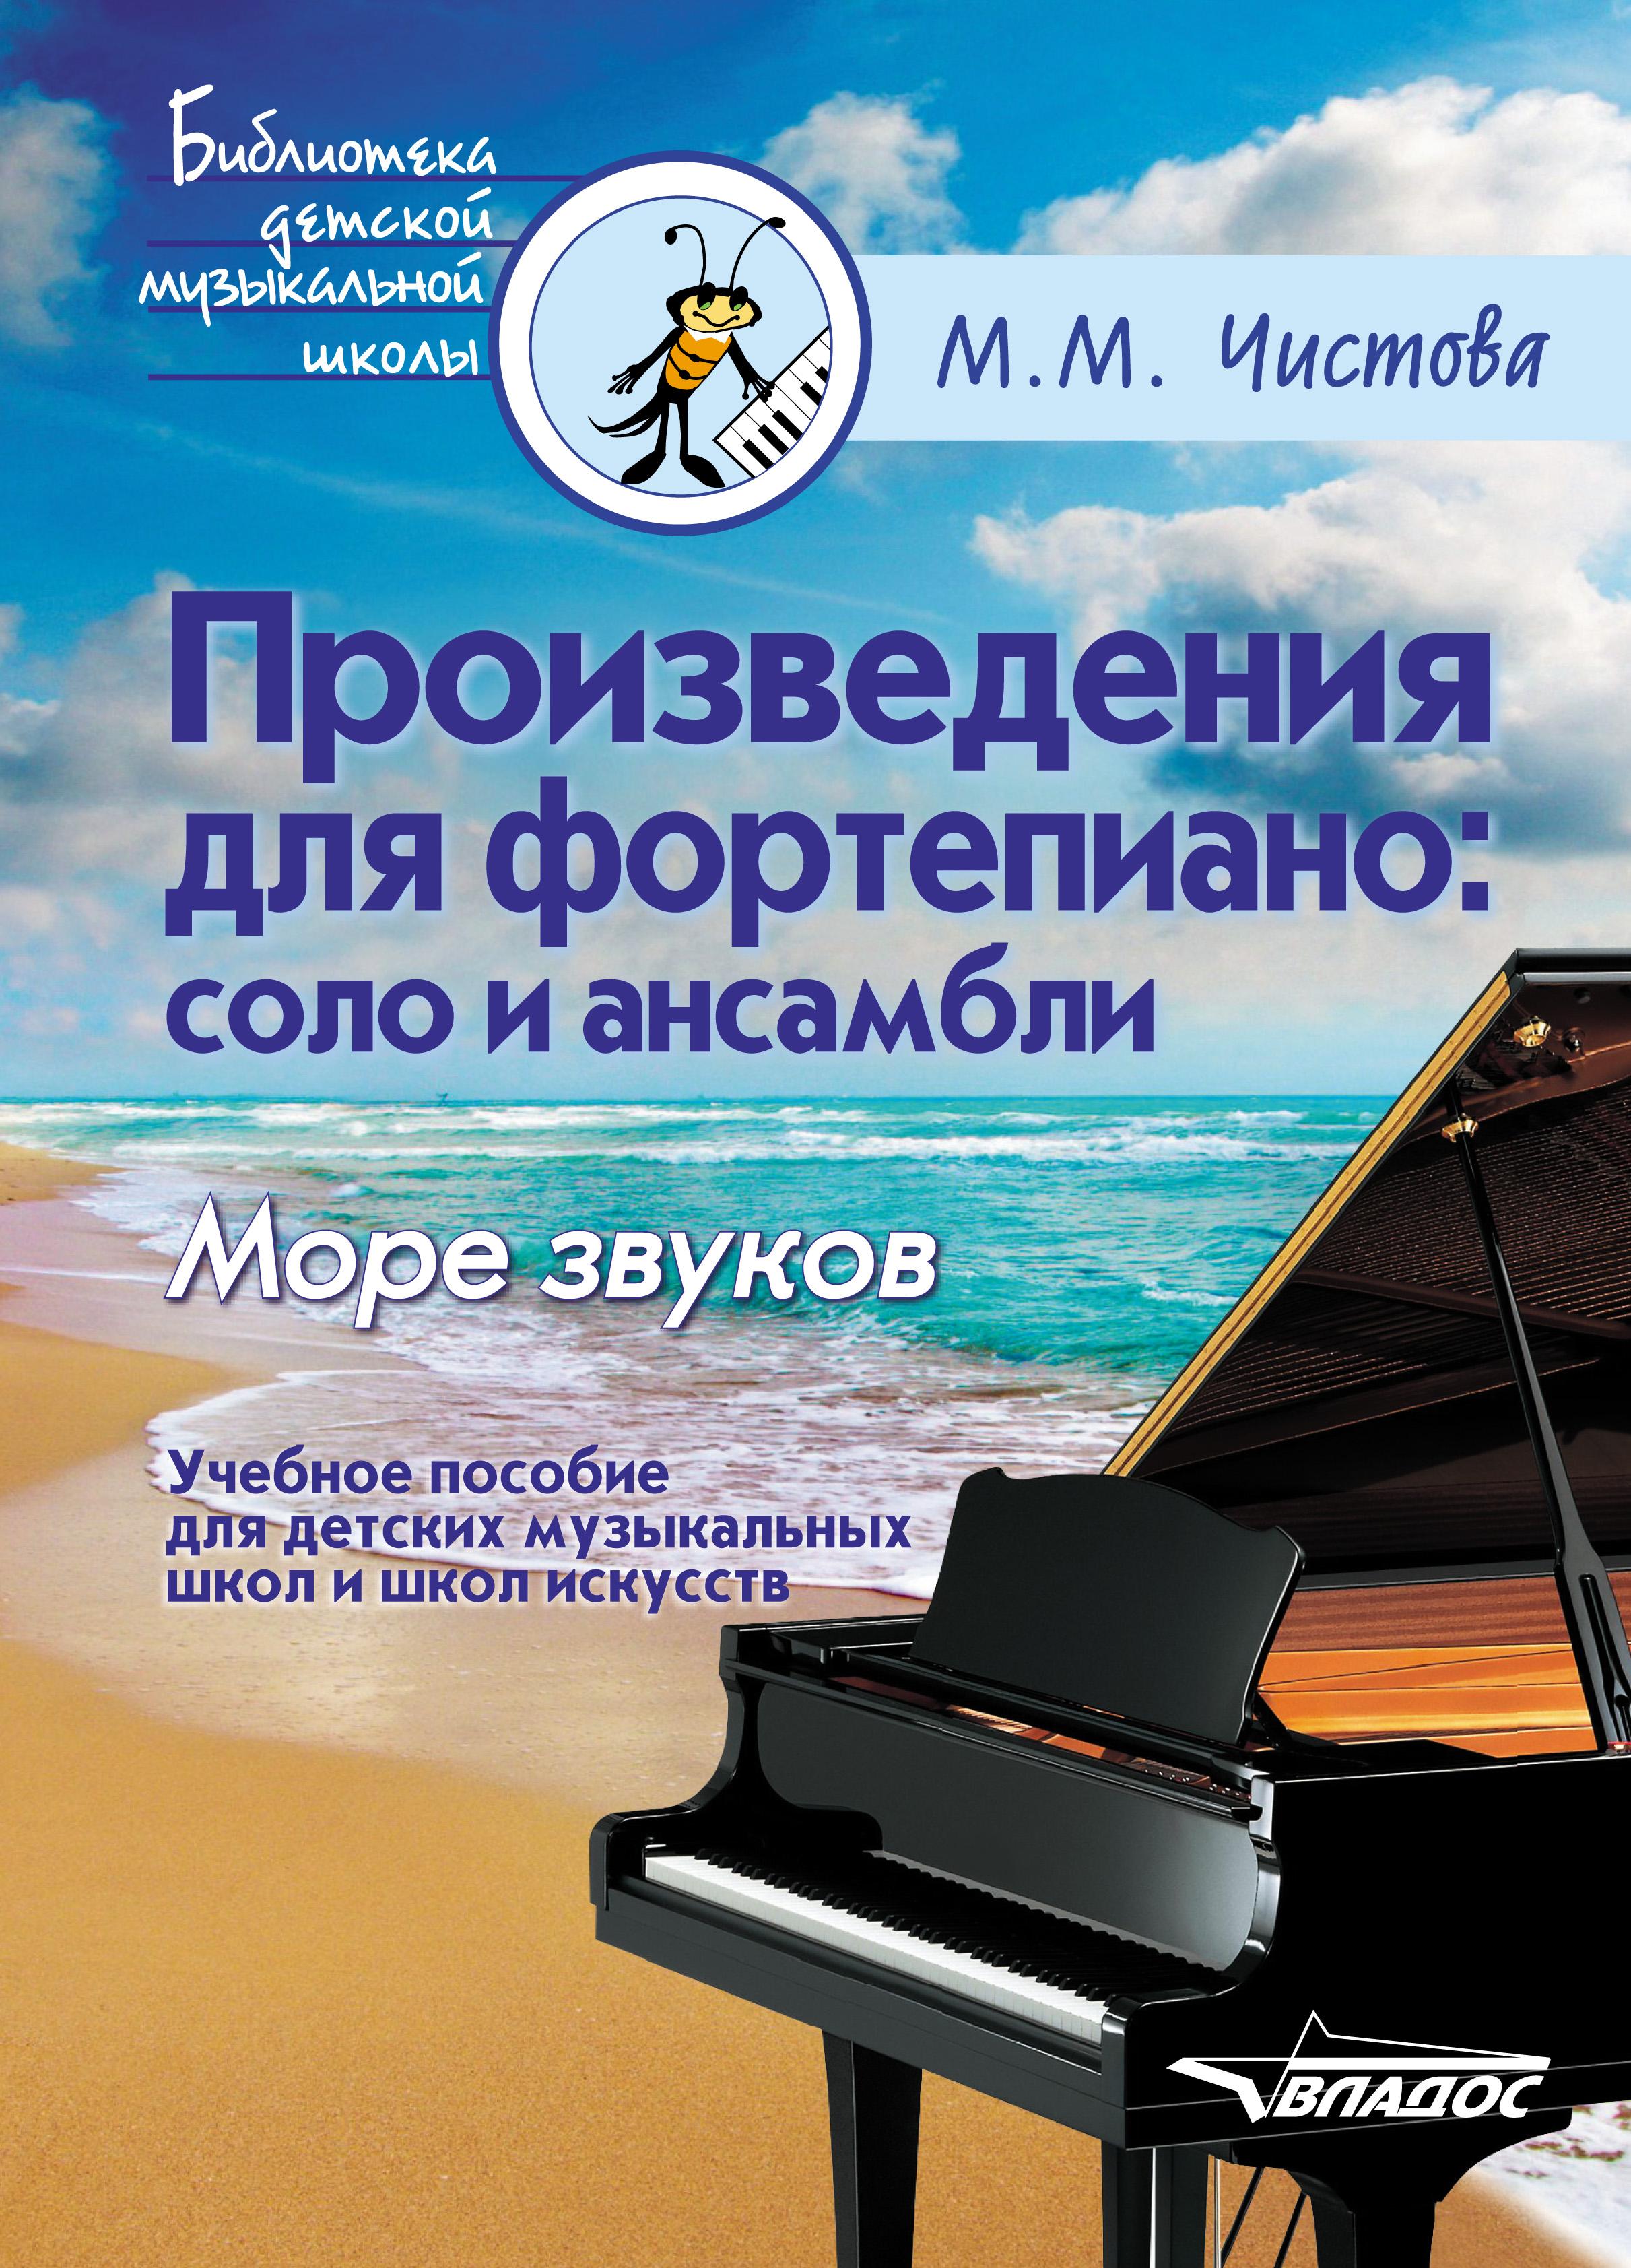 М. М. Чистова Произведения для фортепиано: соло и ансамбли. Море звуков стоимость